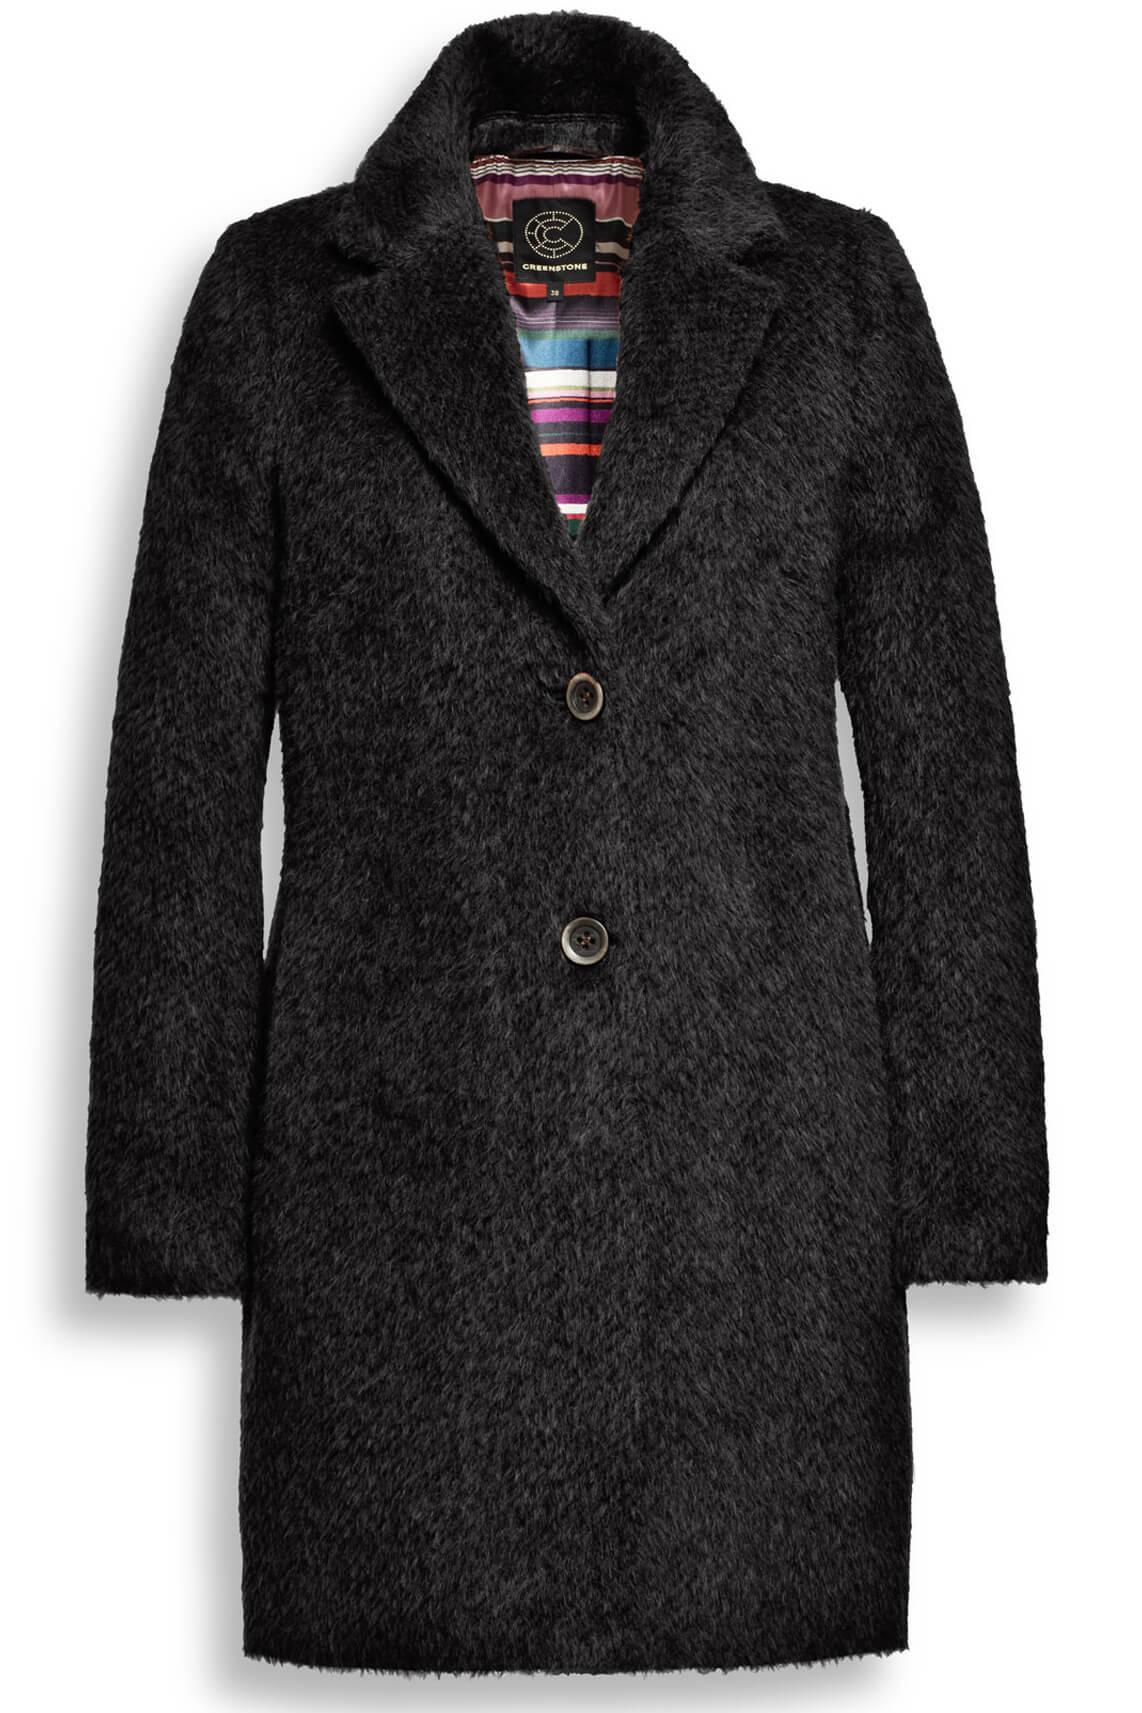 Creenstone Dames Wollen mantel zwart